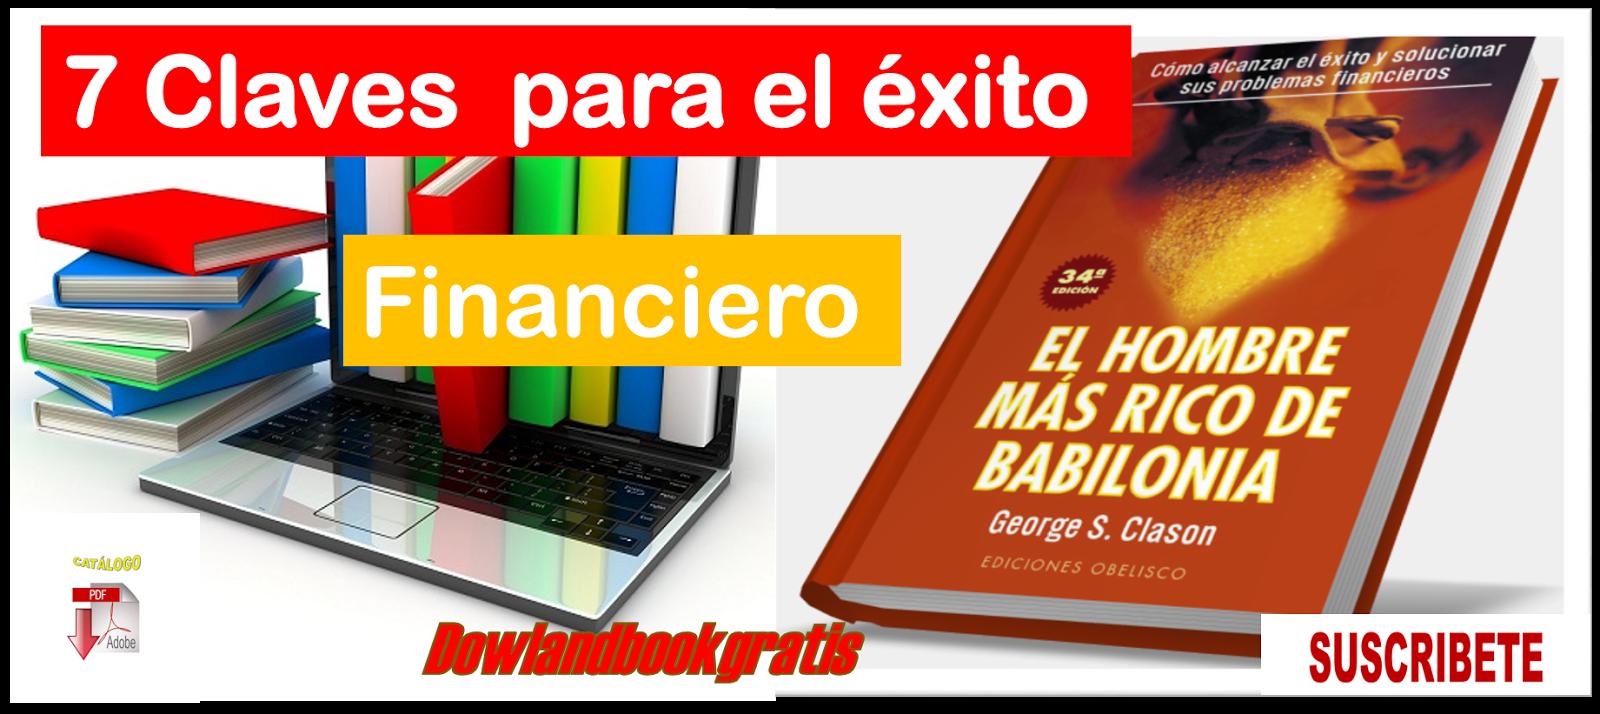 EL HOMBRE MAS RICO DE BABILONIA DE GEORGE S. CLASON